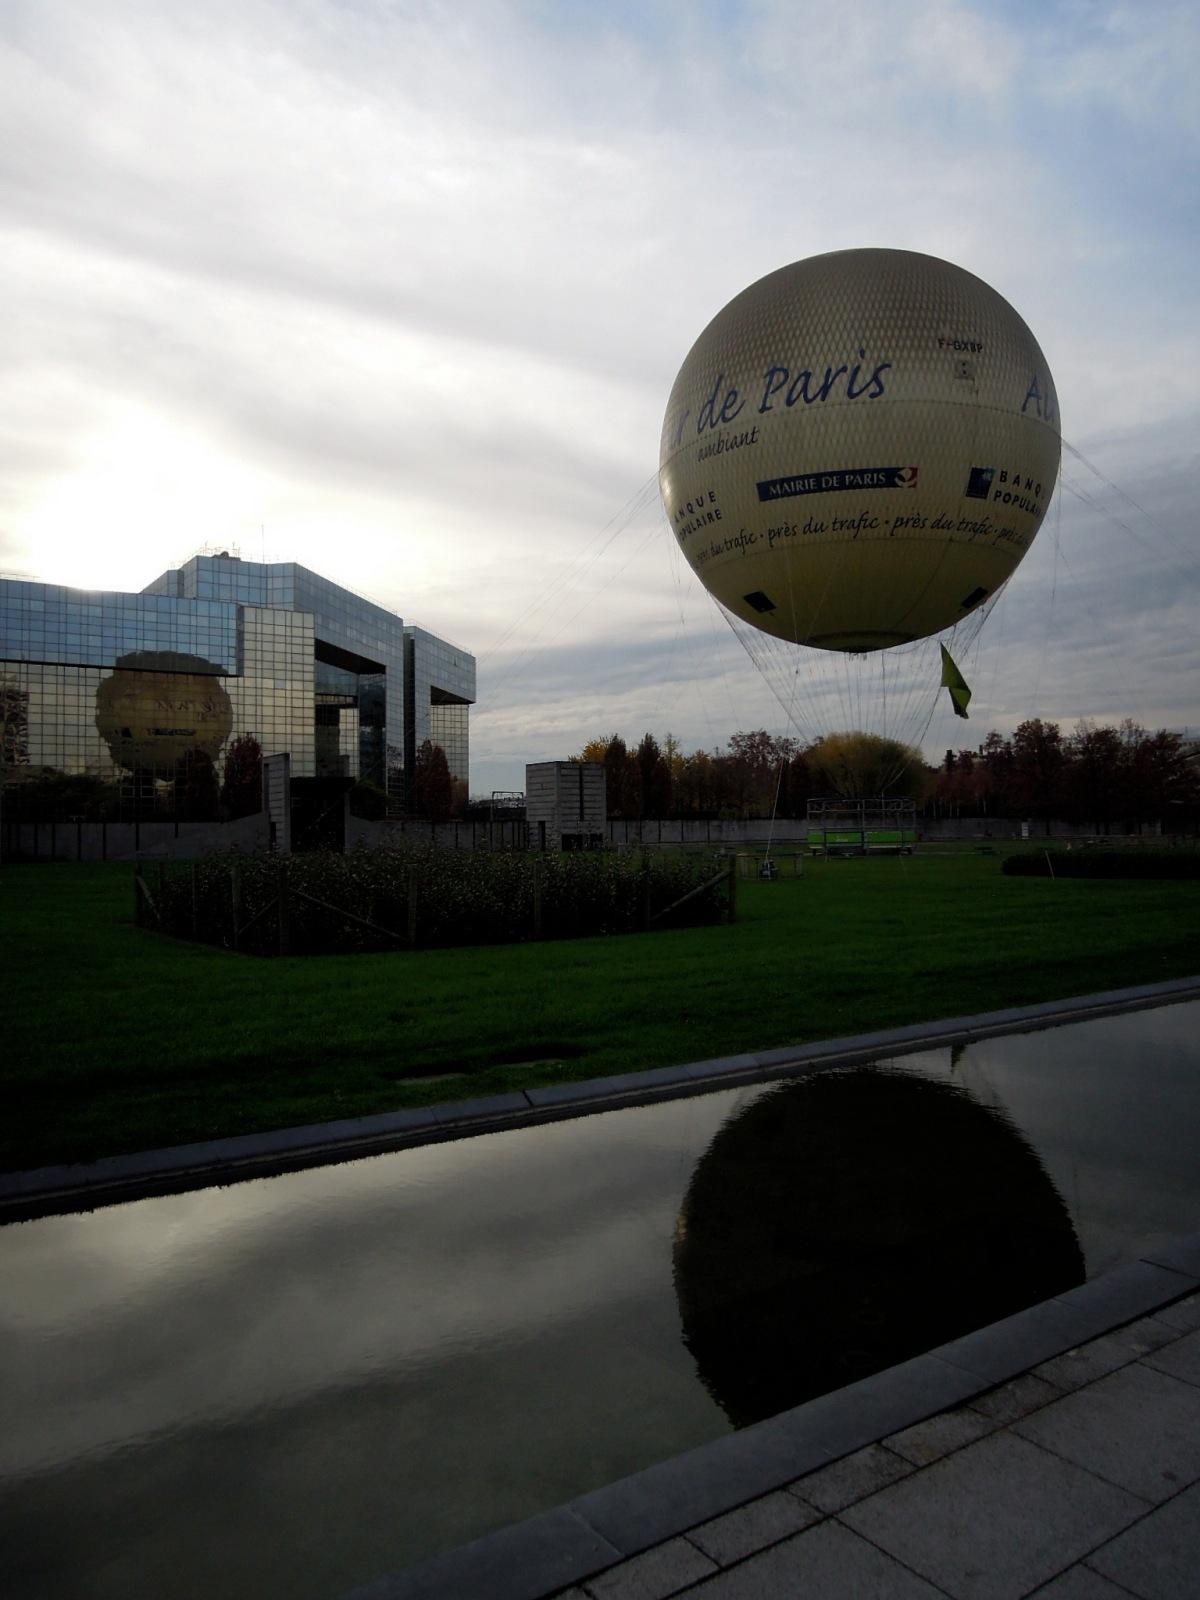 Big round hot-air balloon